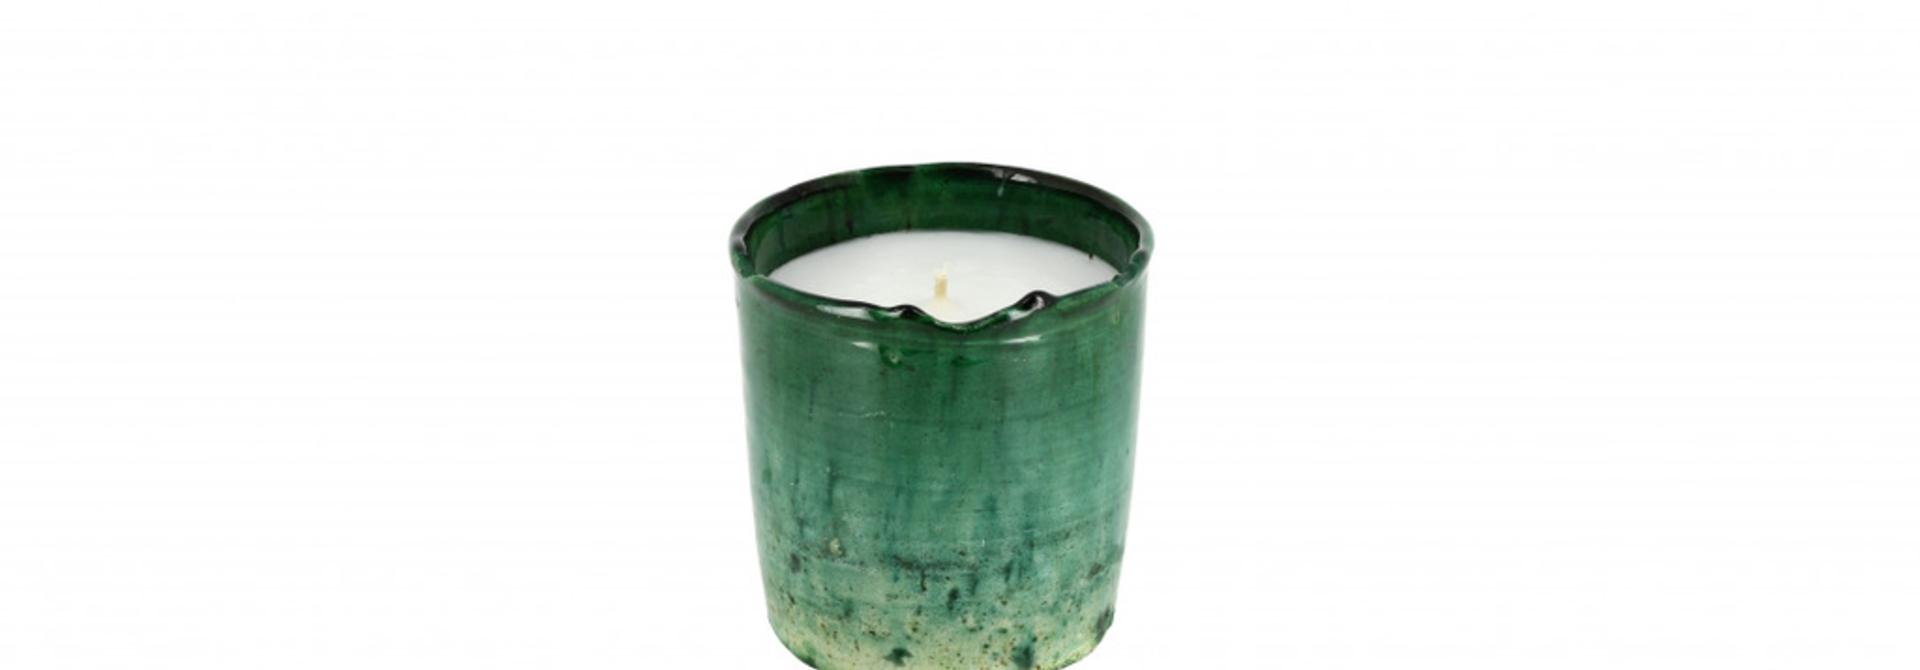 COTE BOUGIE MARRAKECH - Tamegrout Mint & Tea Candle S